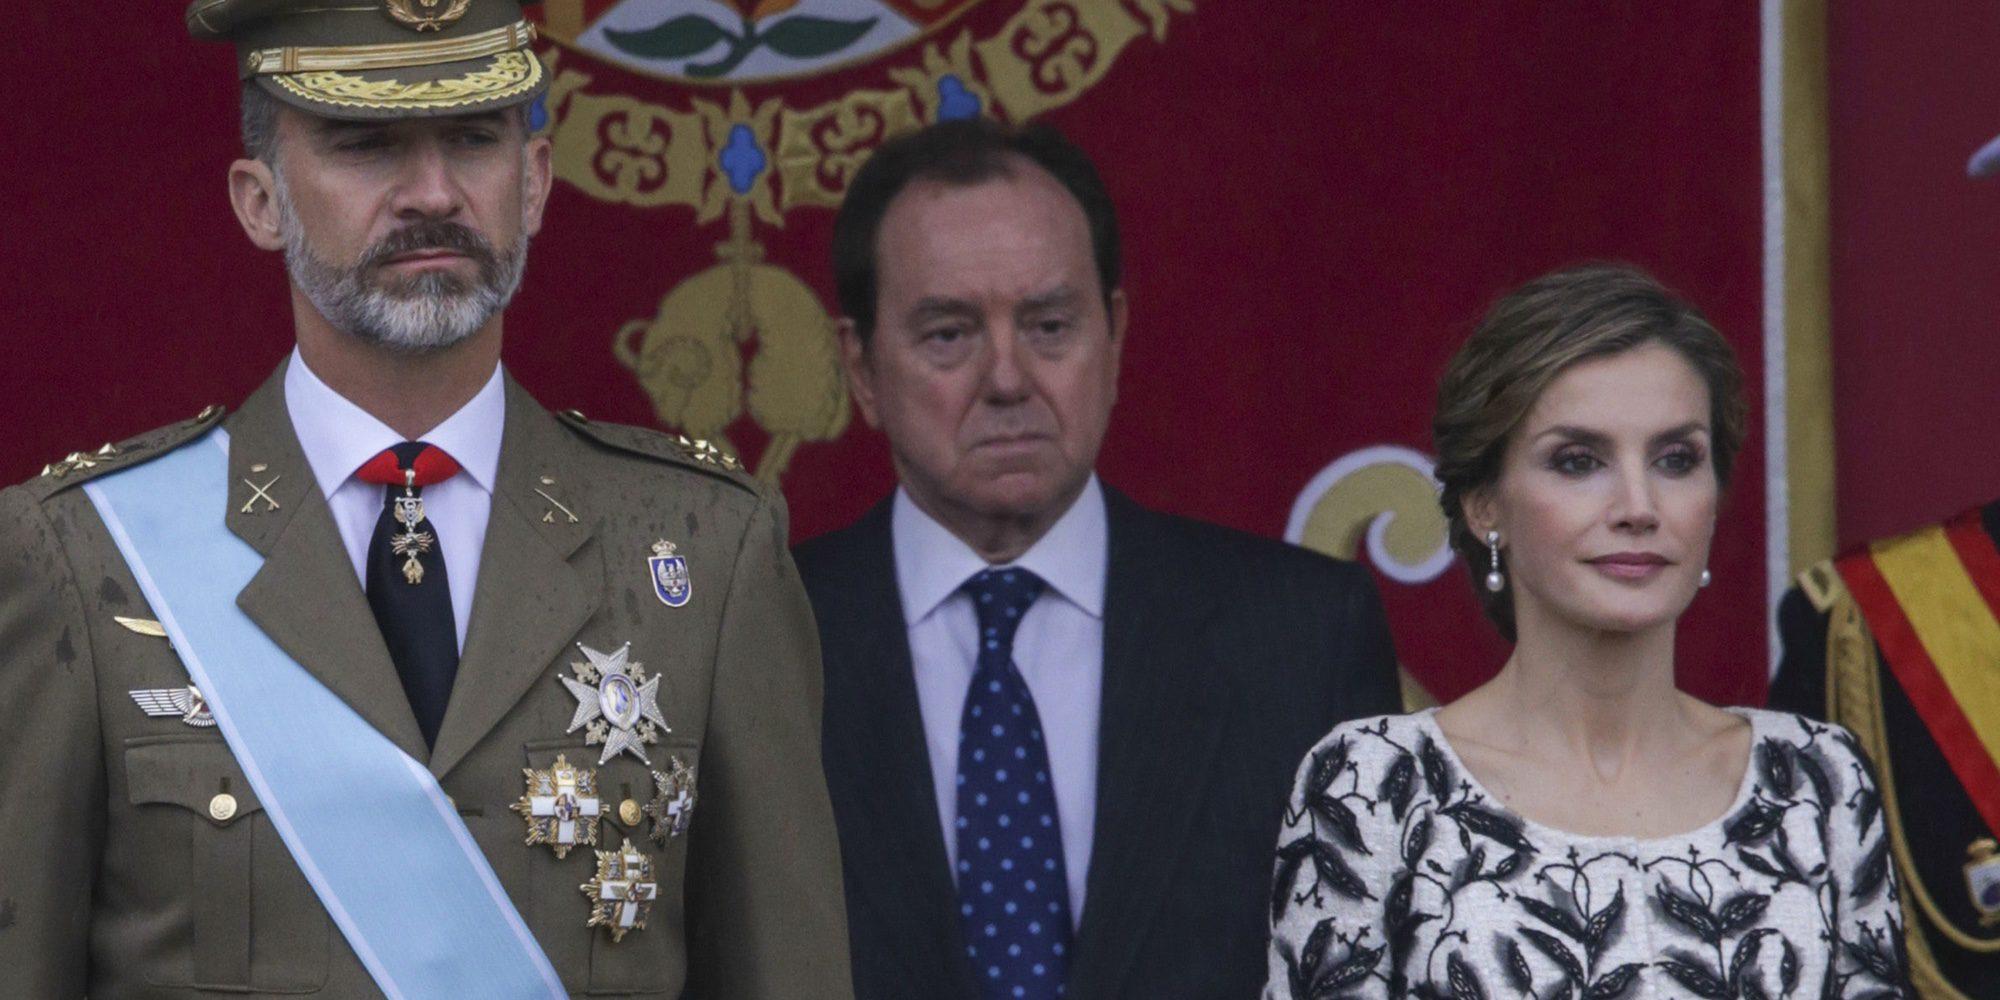 Los Reyes Felipe y Letizia retomarán su agenda al lado de Leonor y Sofía el Día de la Hispanidad